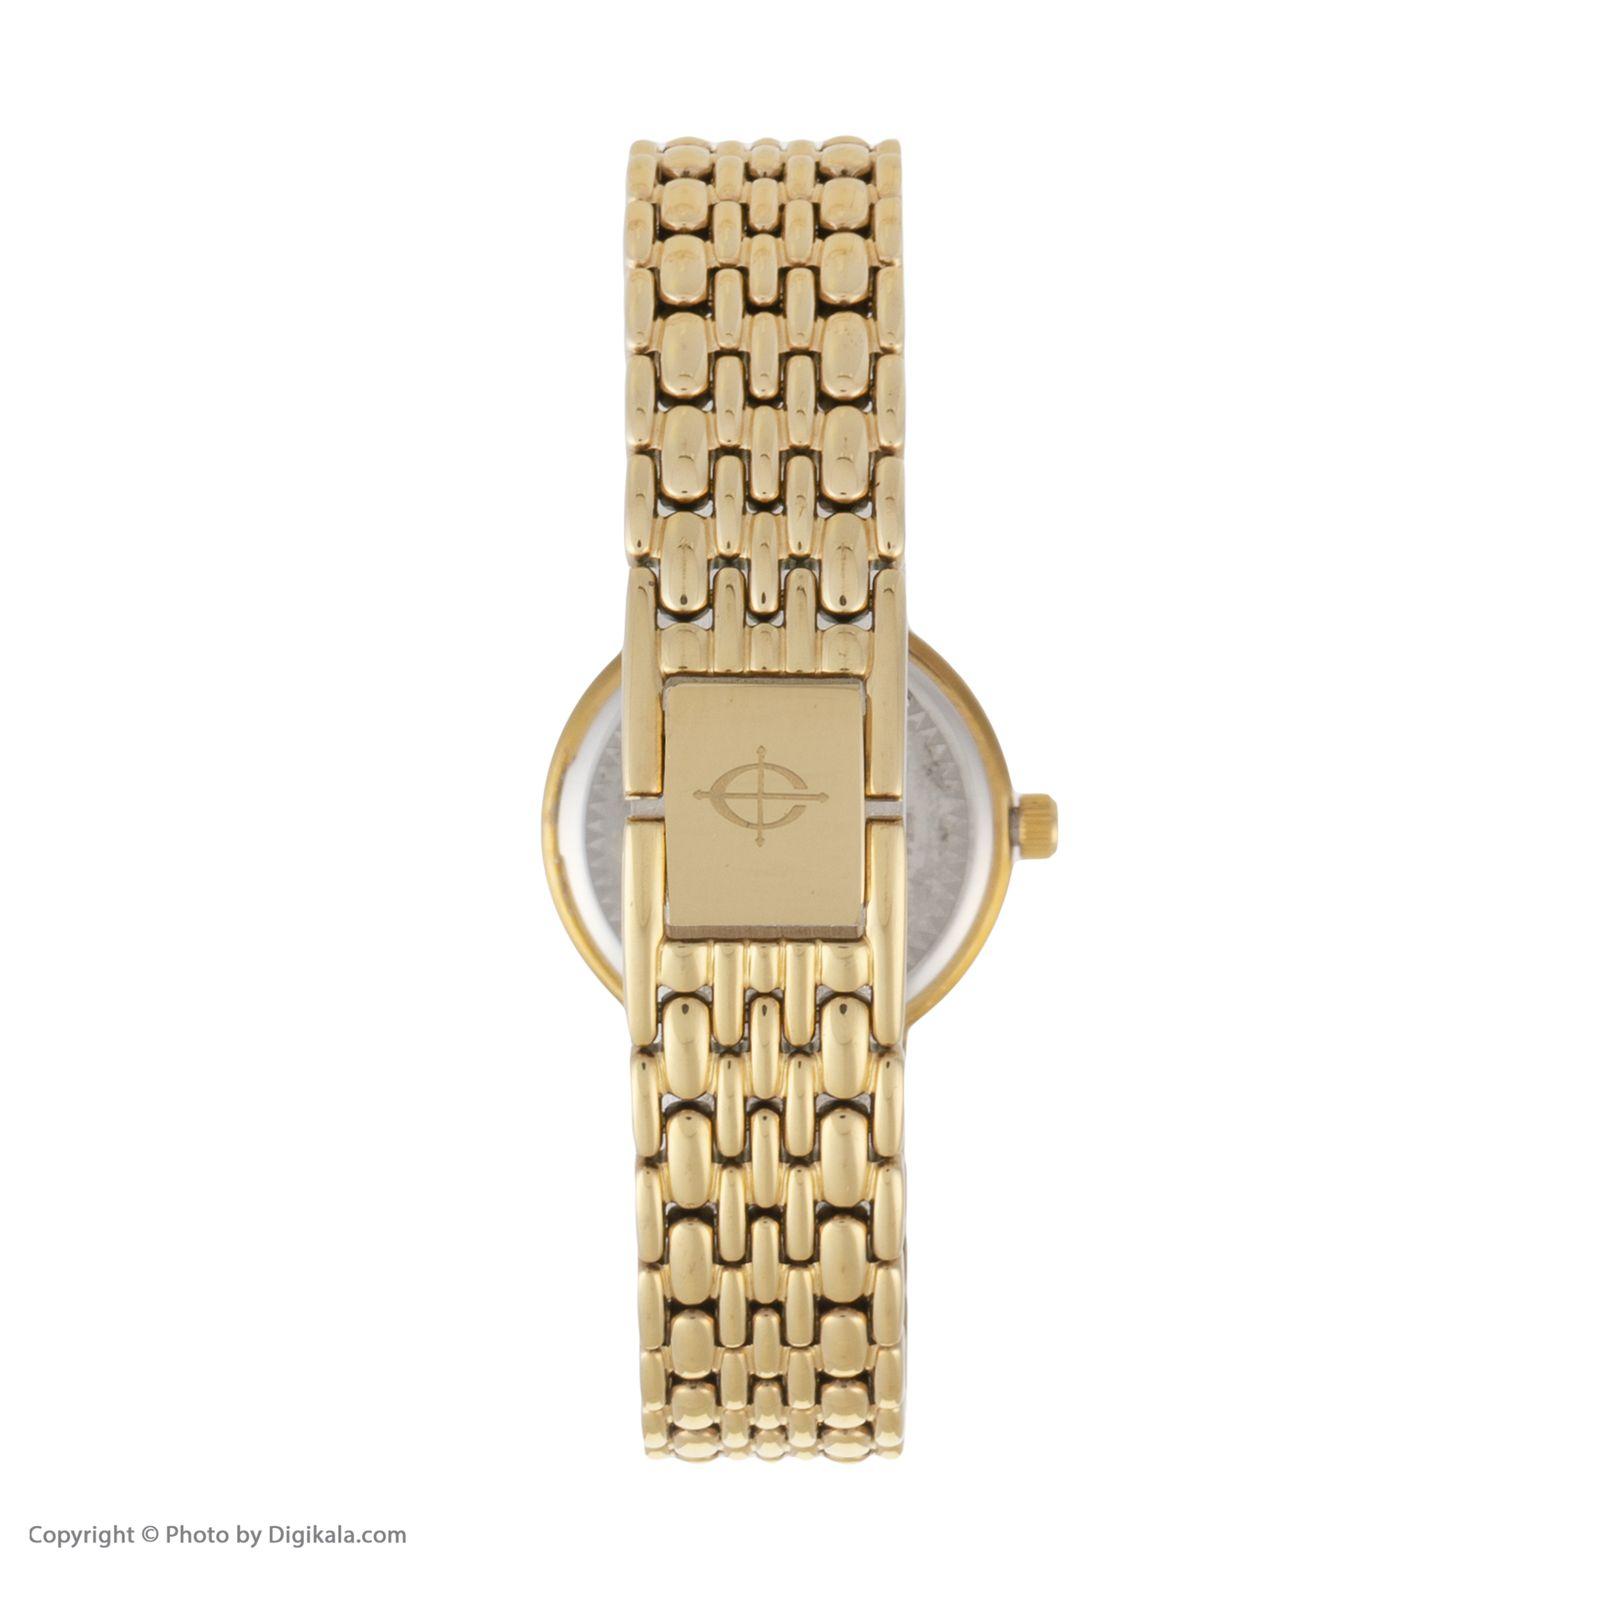 ساعت مچی عقربه ای زنانه کنتیننتال مدل 3004-LT202521 -  - 2